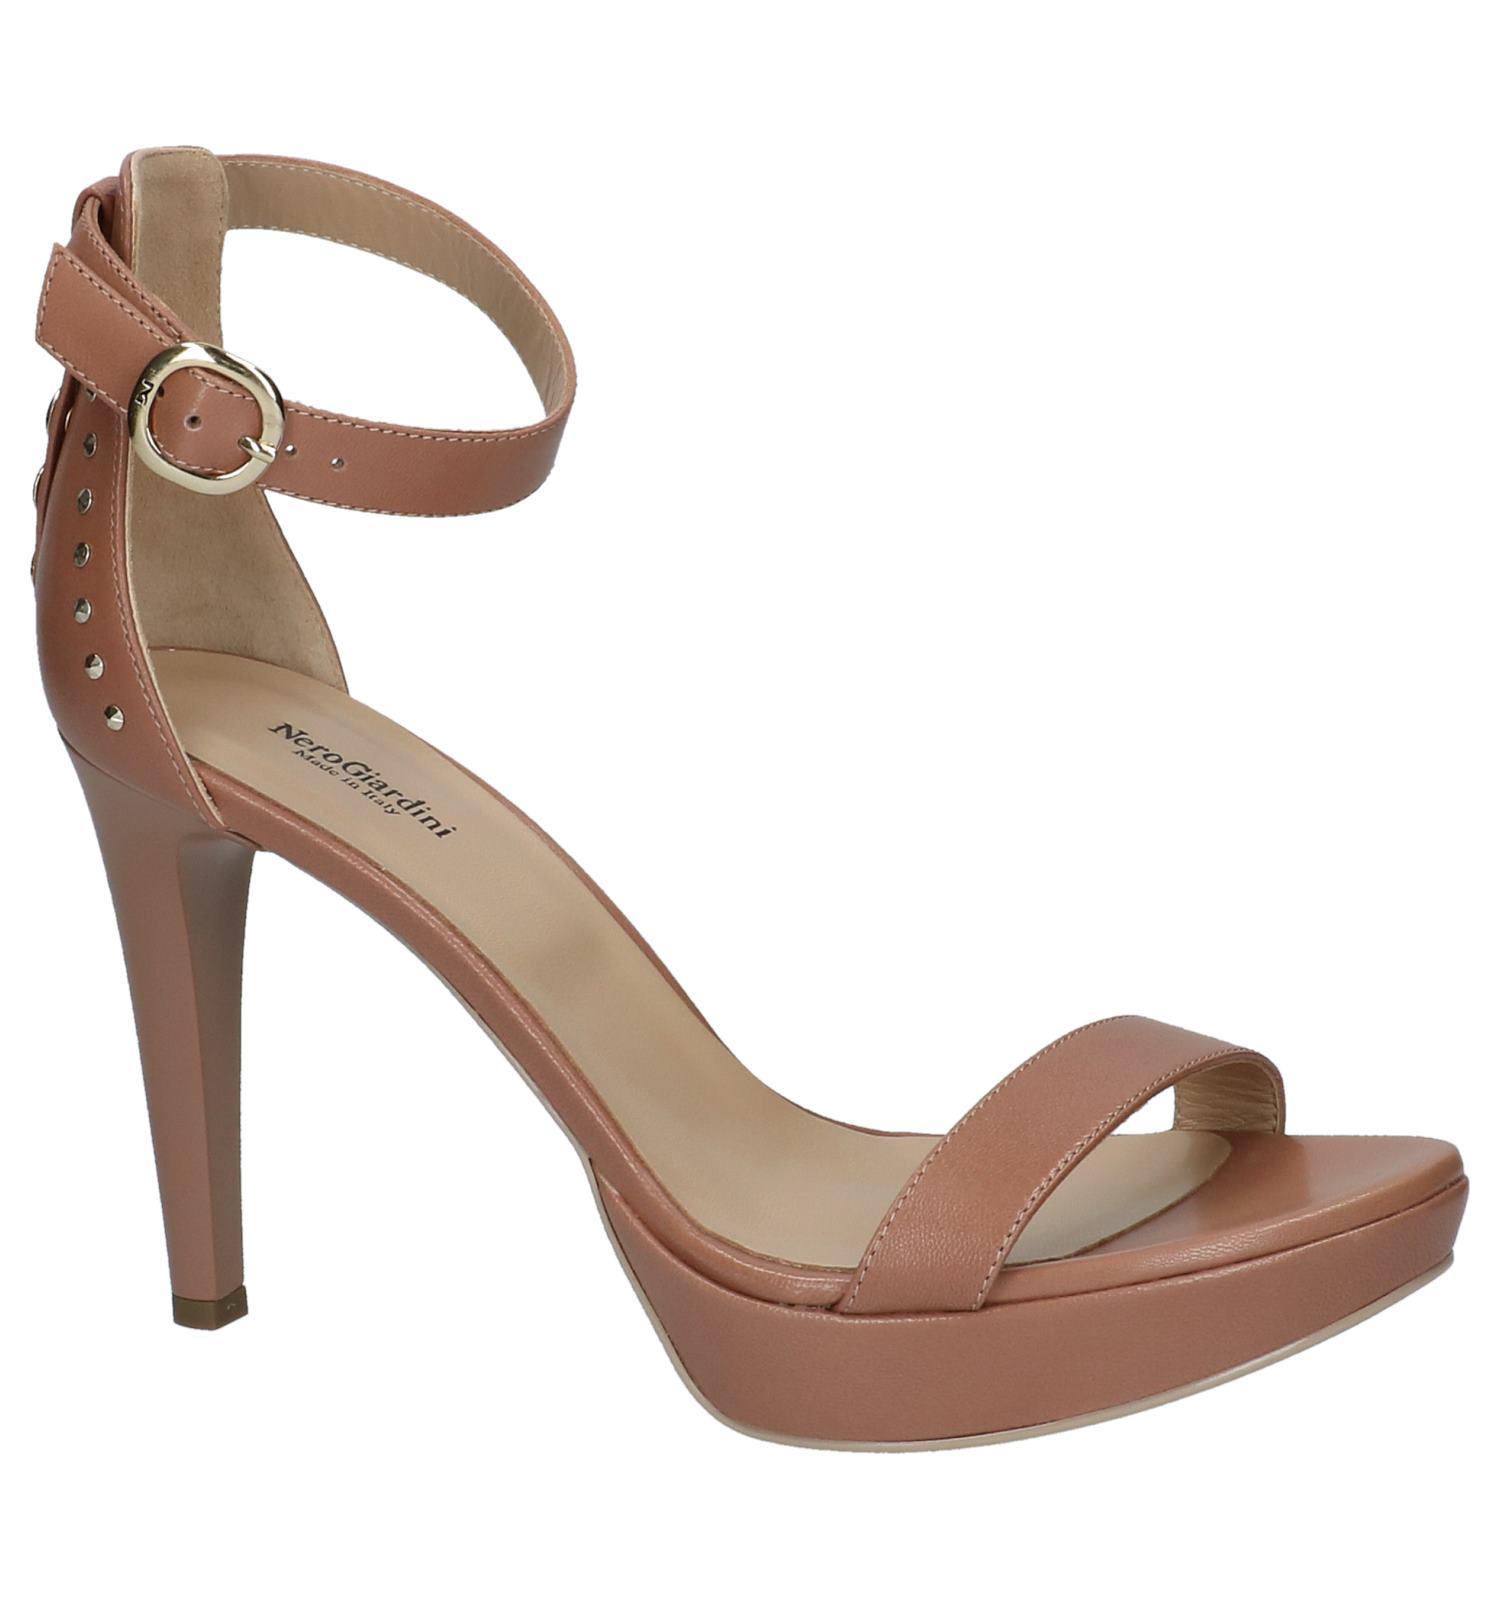 Beste Wholesale Online Verkoop Veel Soorten Nude Kleurige Sandalen met Studs Goedkoop Officiële Kopen Discount Speling De Goedkoopste 7ZYToNjJ